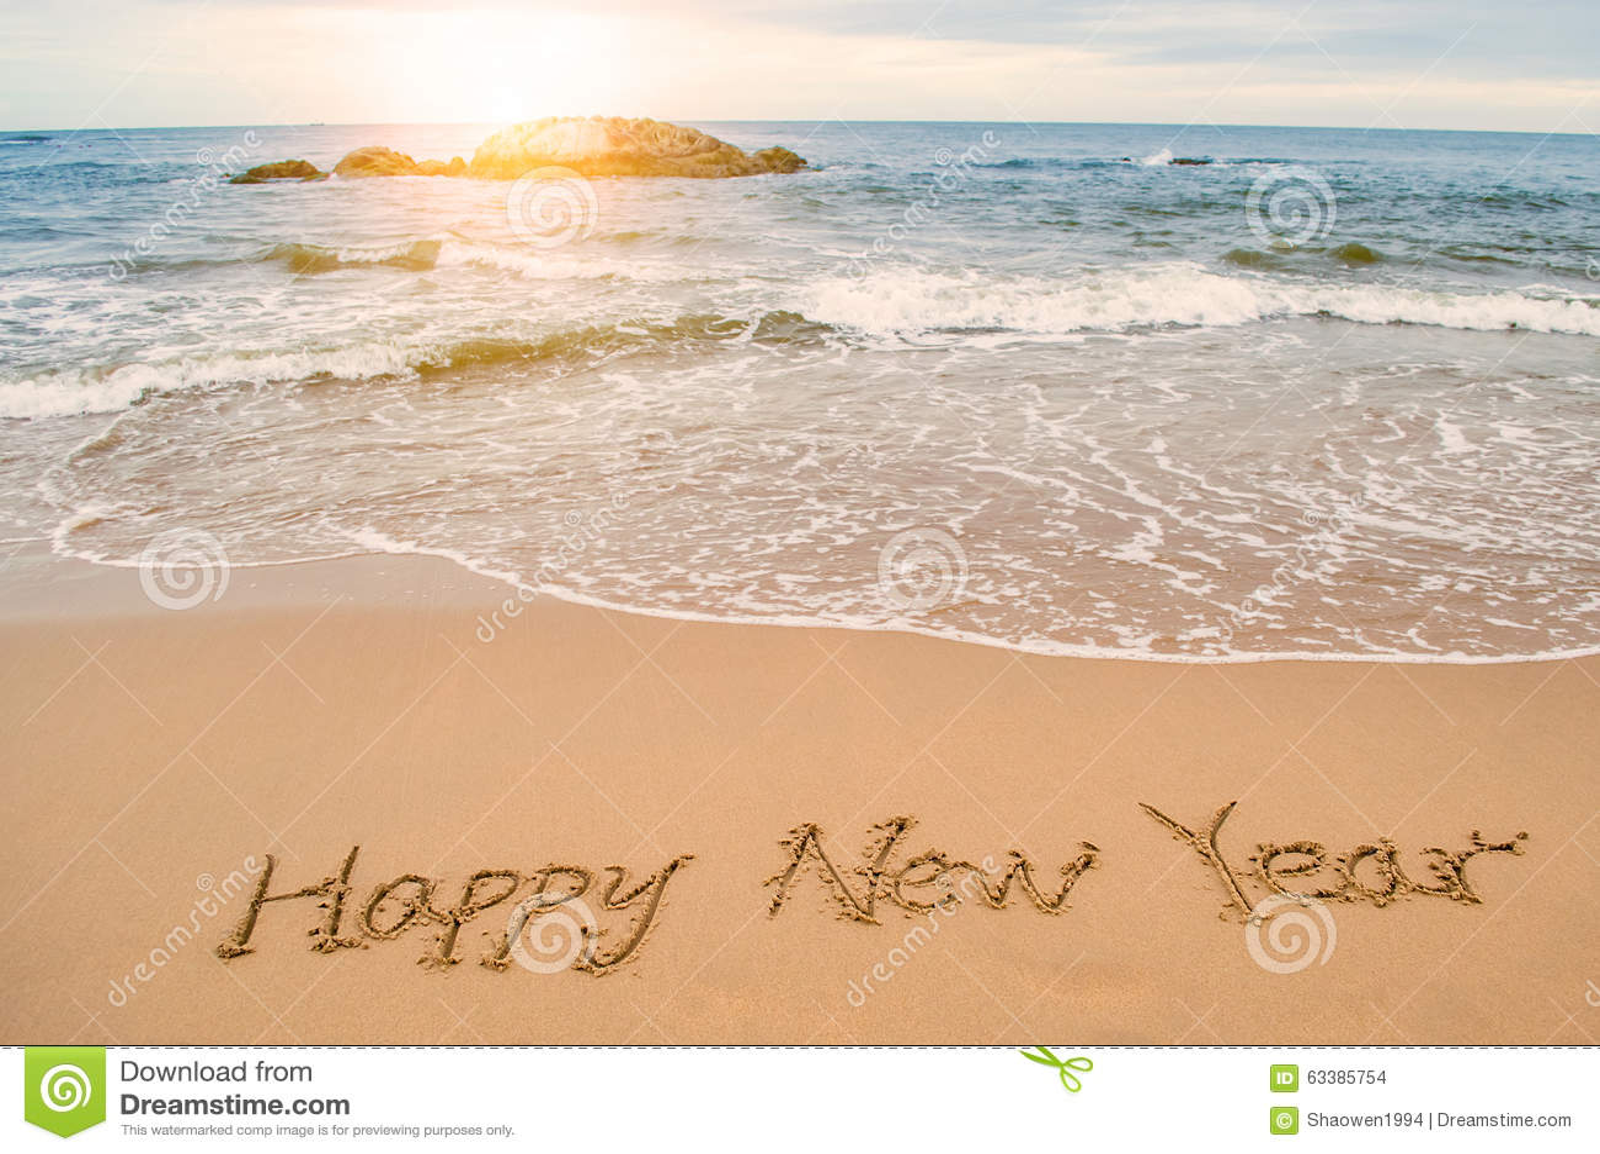 Schreiben Sie Guten Rutsch Ins Neue Jahr Auf Strand Stockfoto - Bild ...